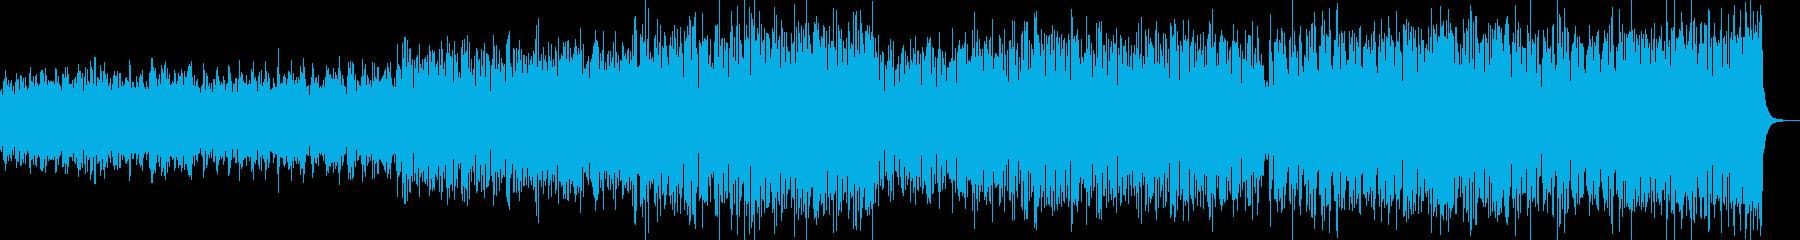 オルゴールと管弦楽・甘美な変拍子舞曲 Bの再生済みの波形